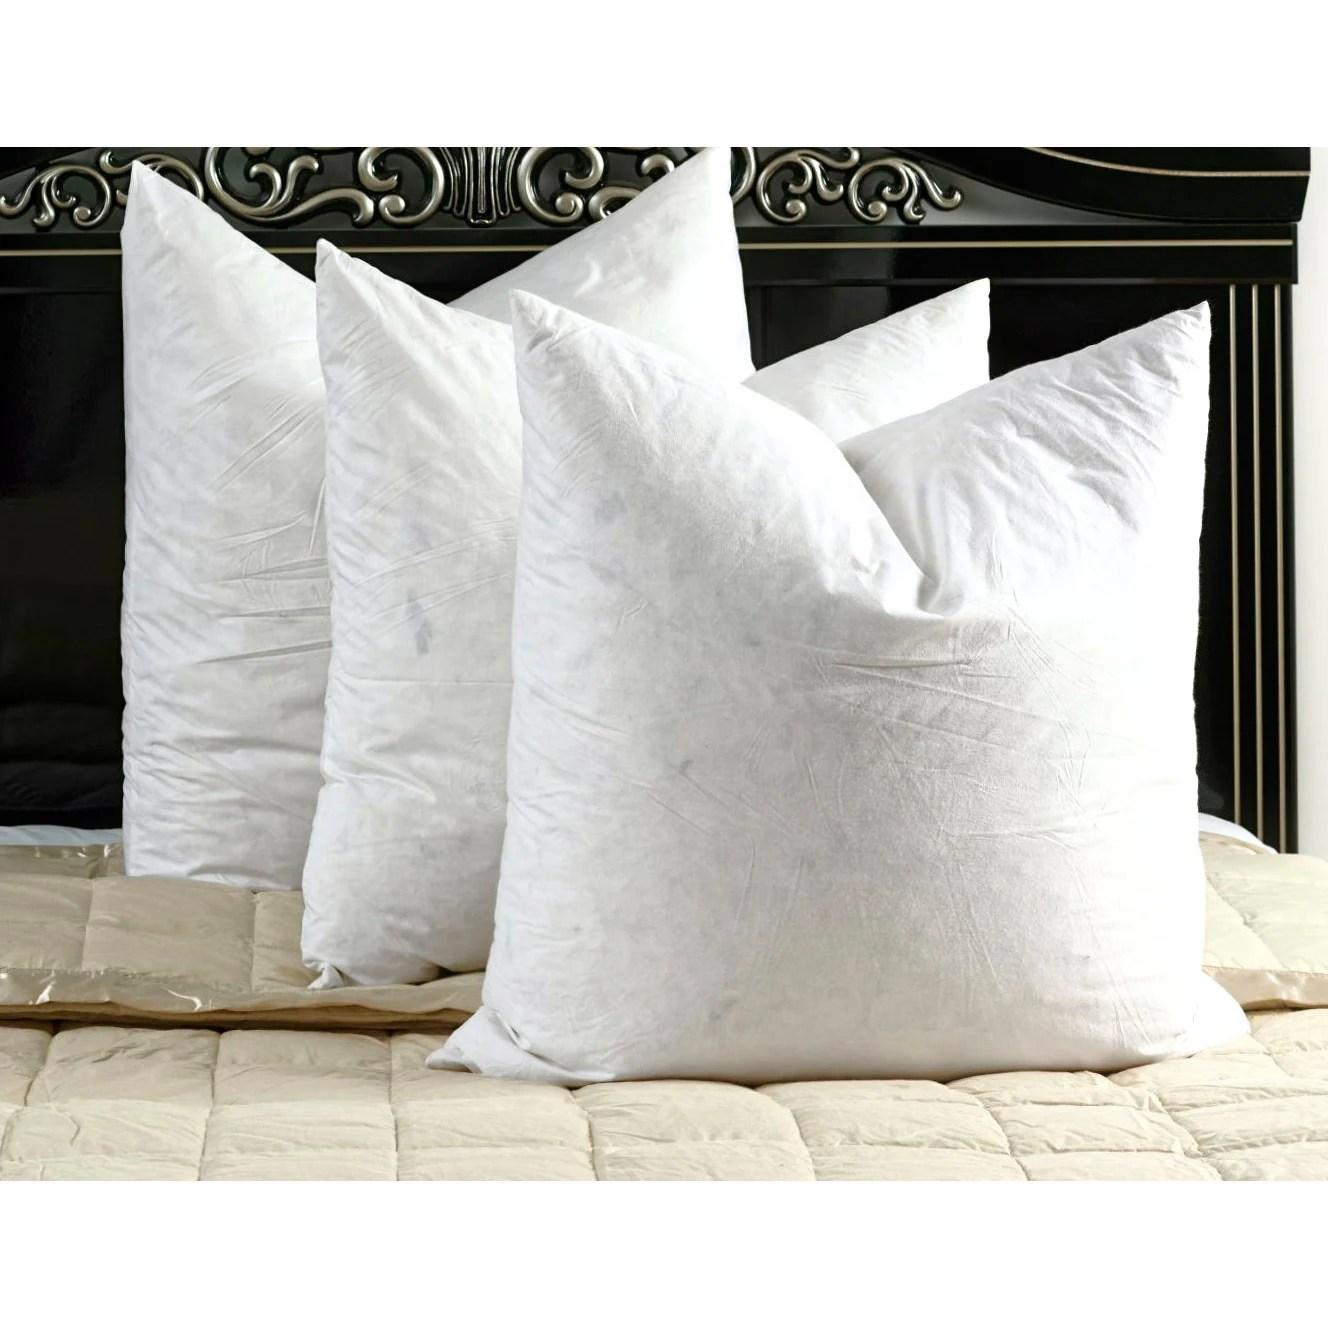 28x28 feather pillow insert online